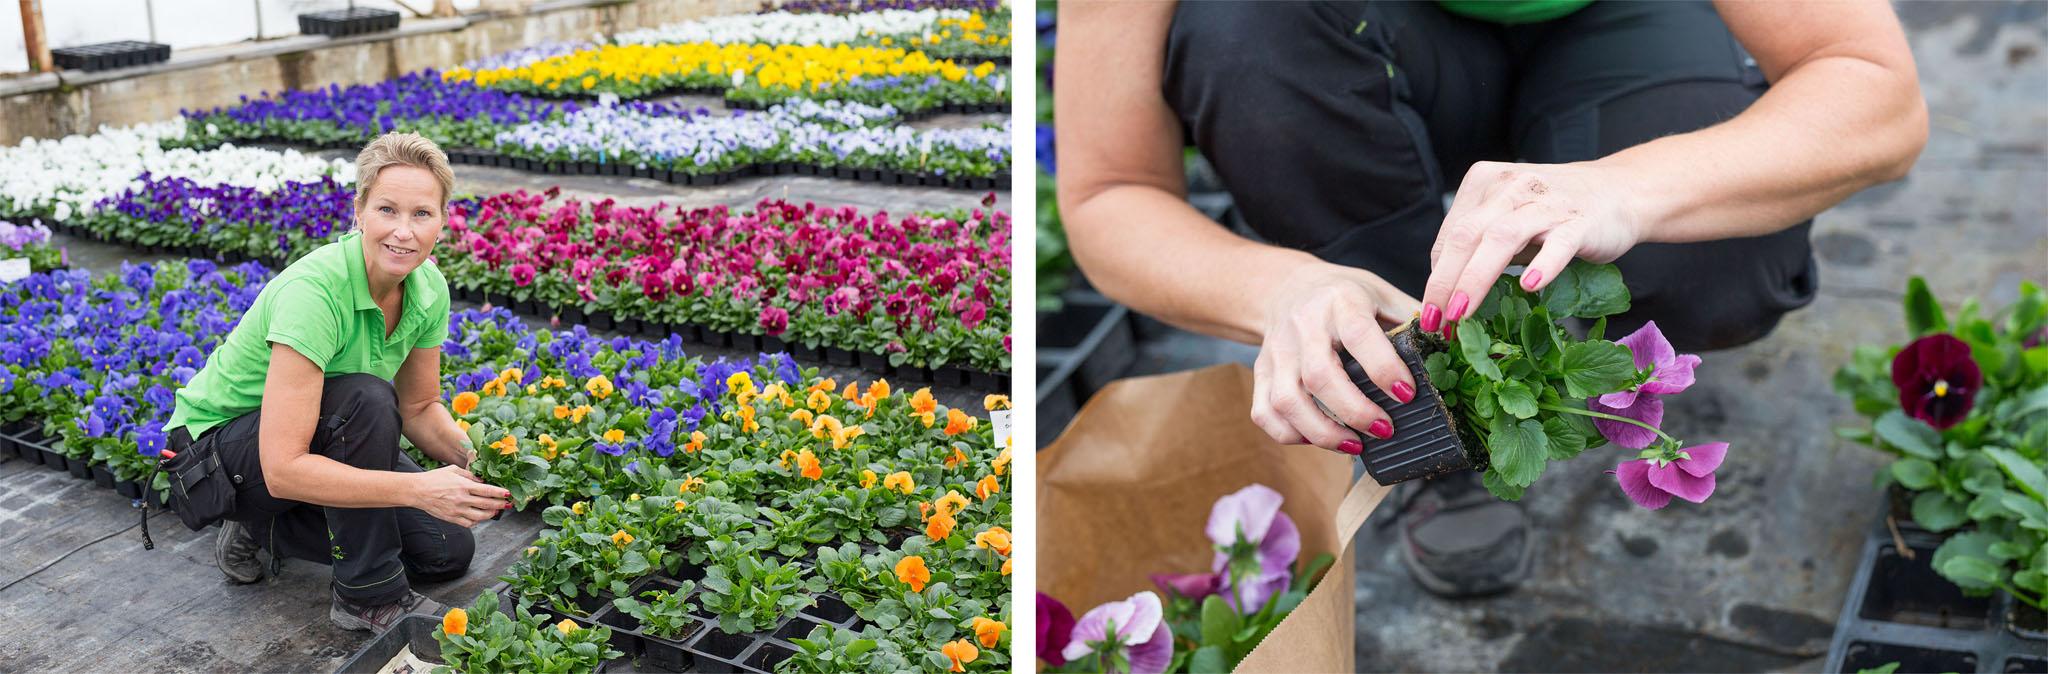 Forsa handelsträdgård 8 kopiera.jpg